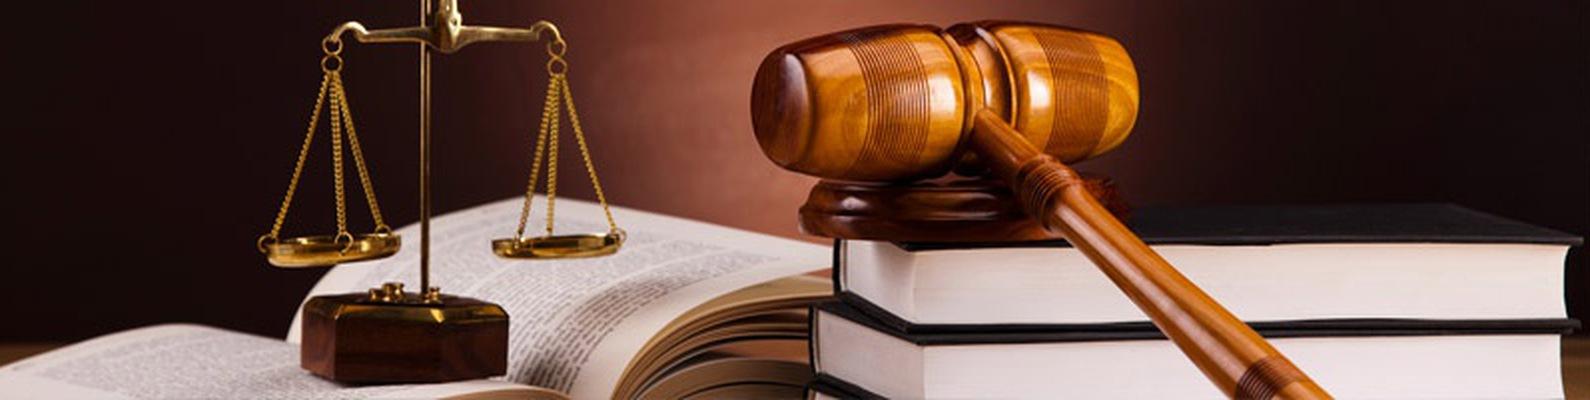 теперь право на квалифицированная юридическая помощь имея инструкций